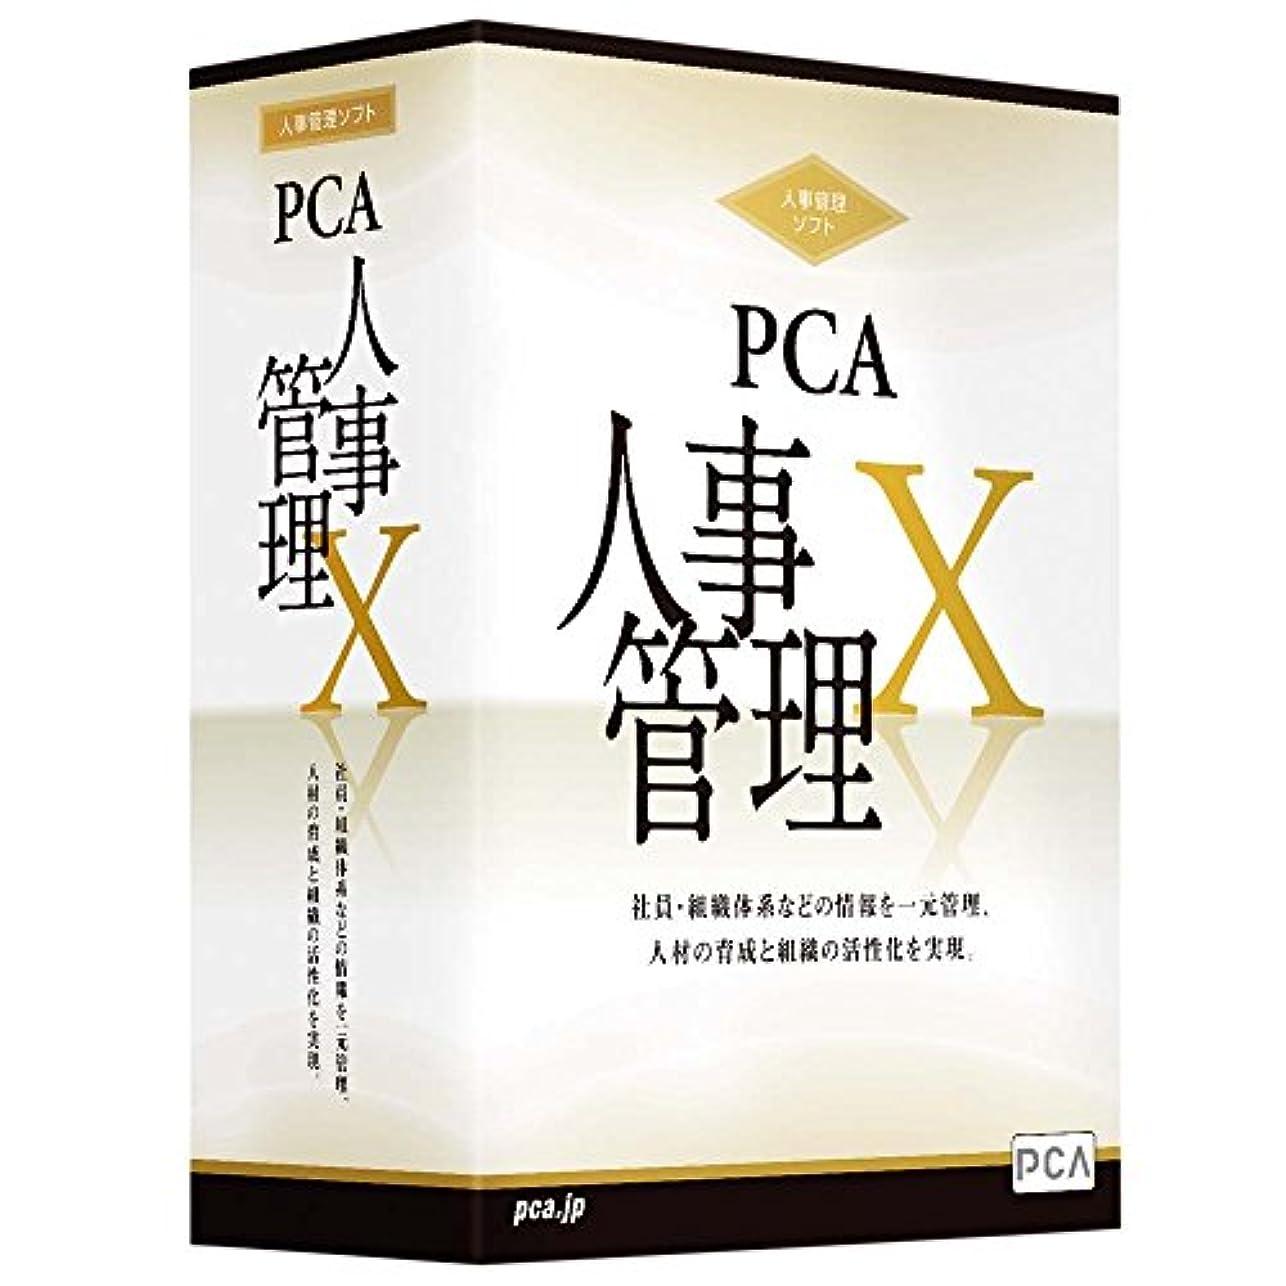 後世現像全員PCA人事管理X システムB